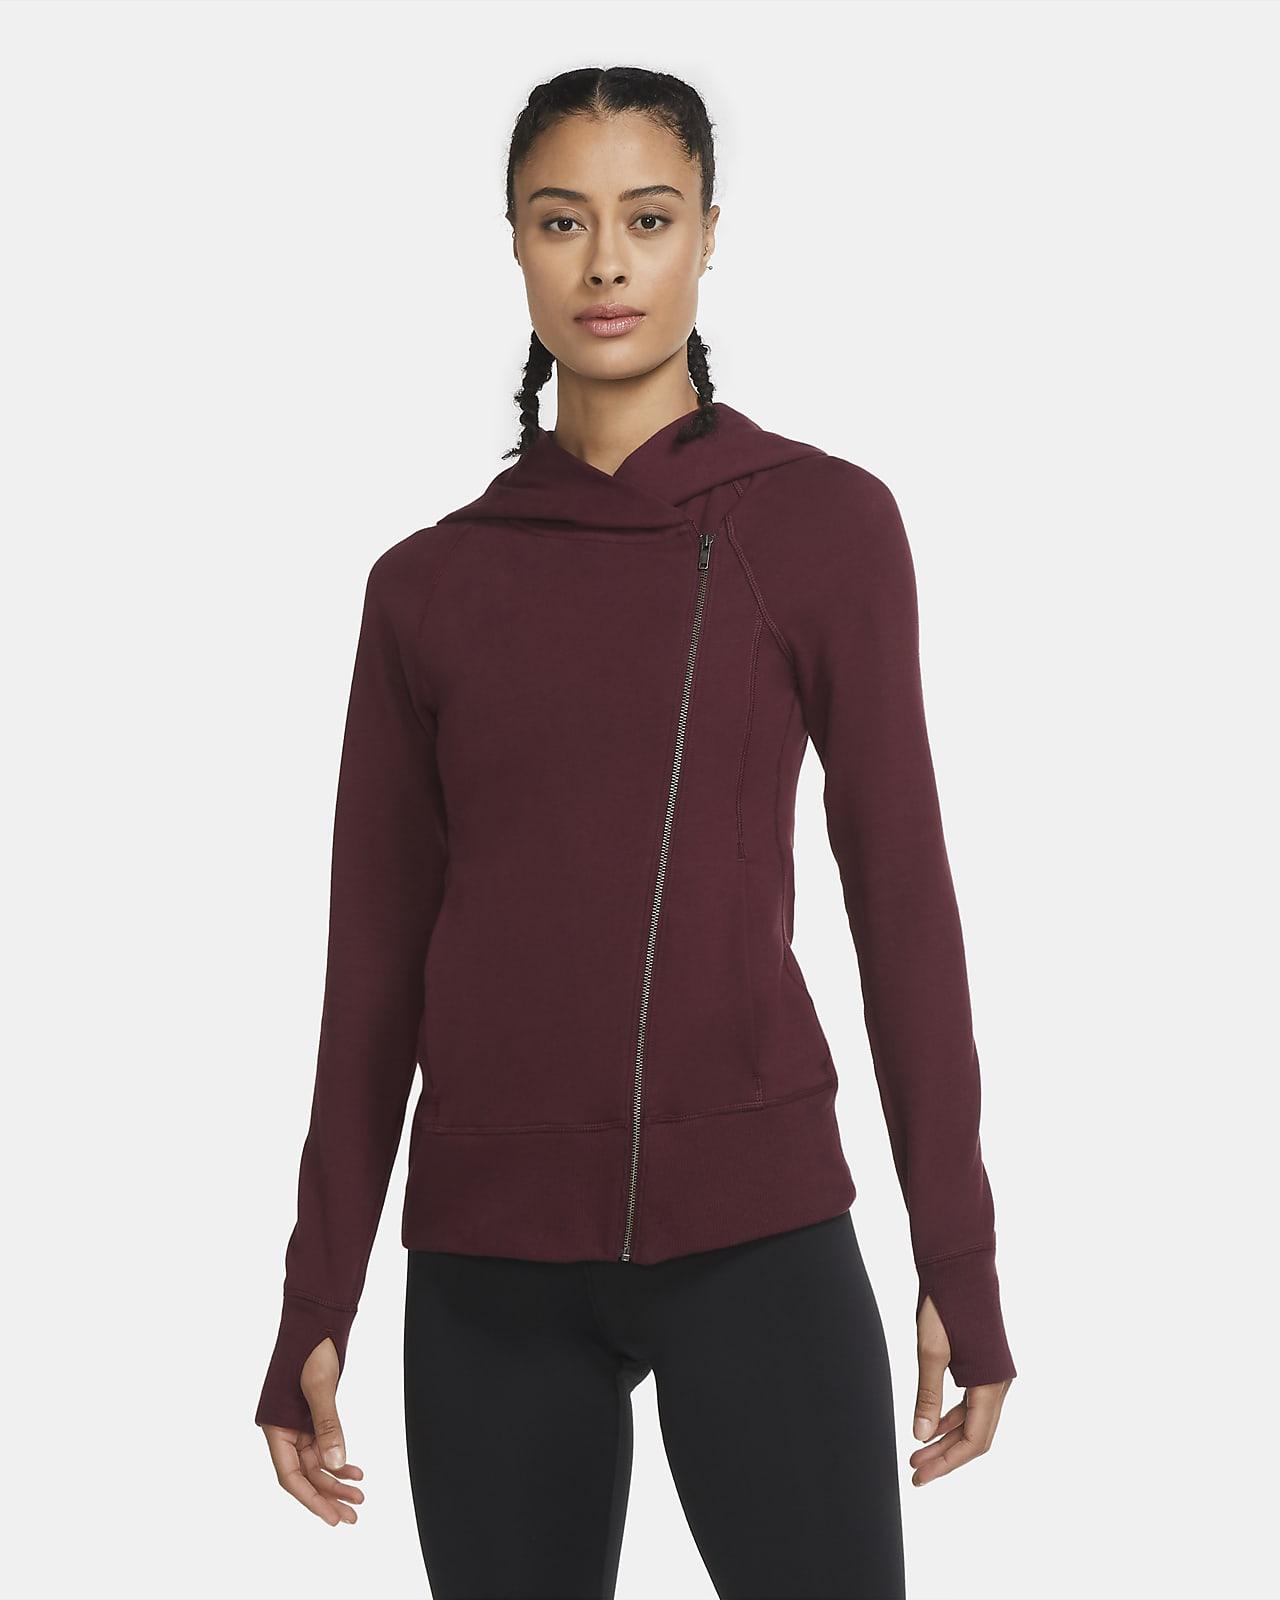 Nike Yoga hettejakke til dame